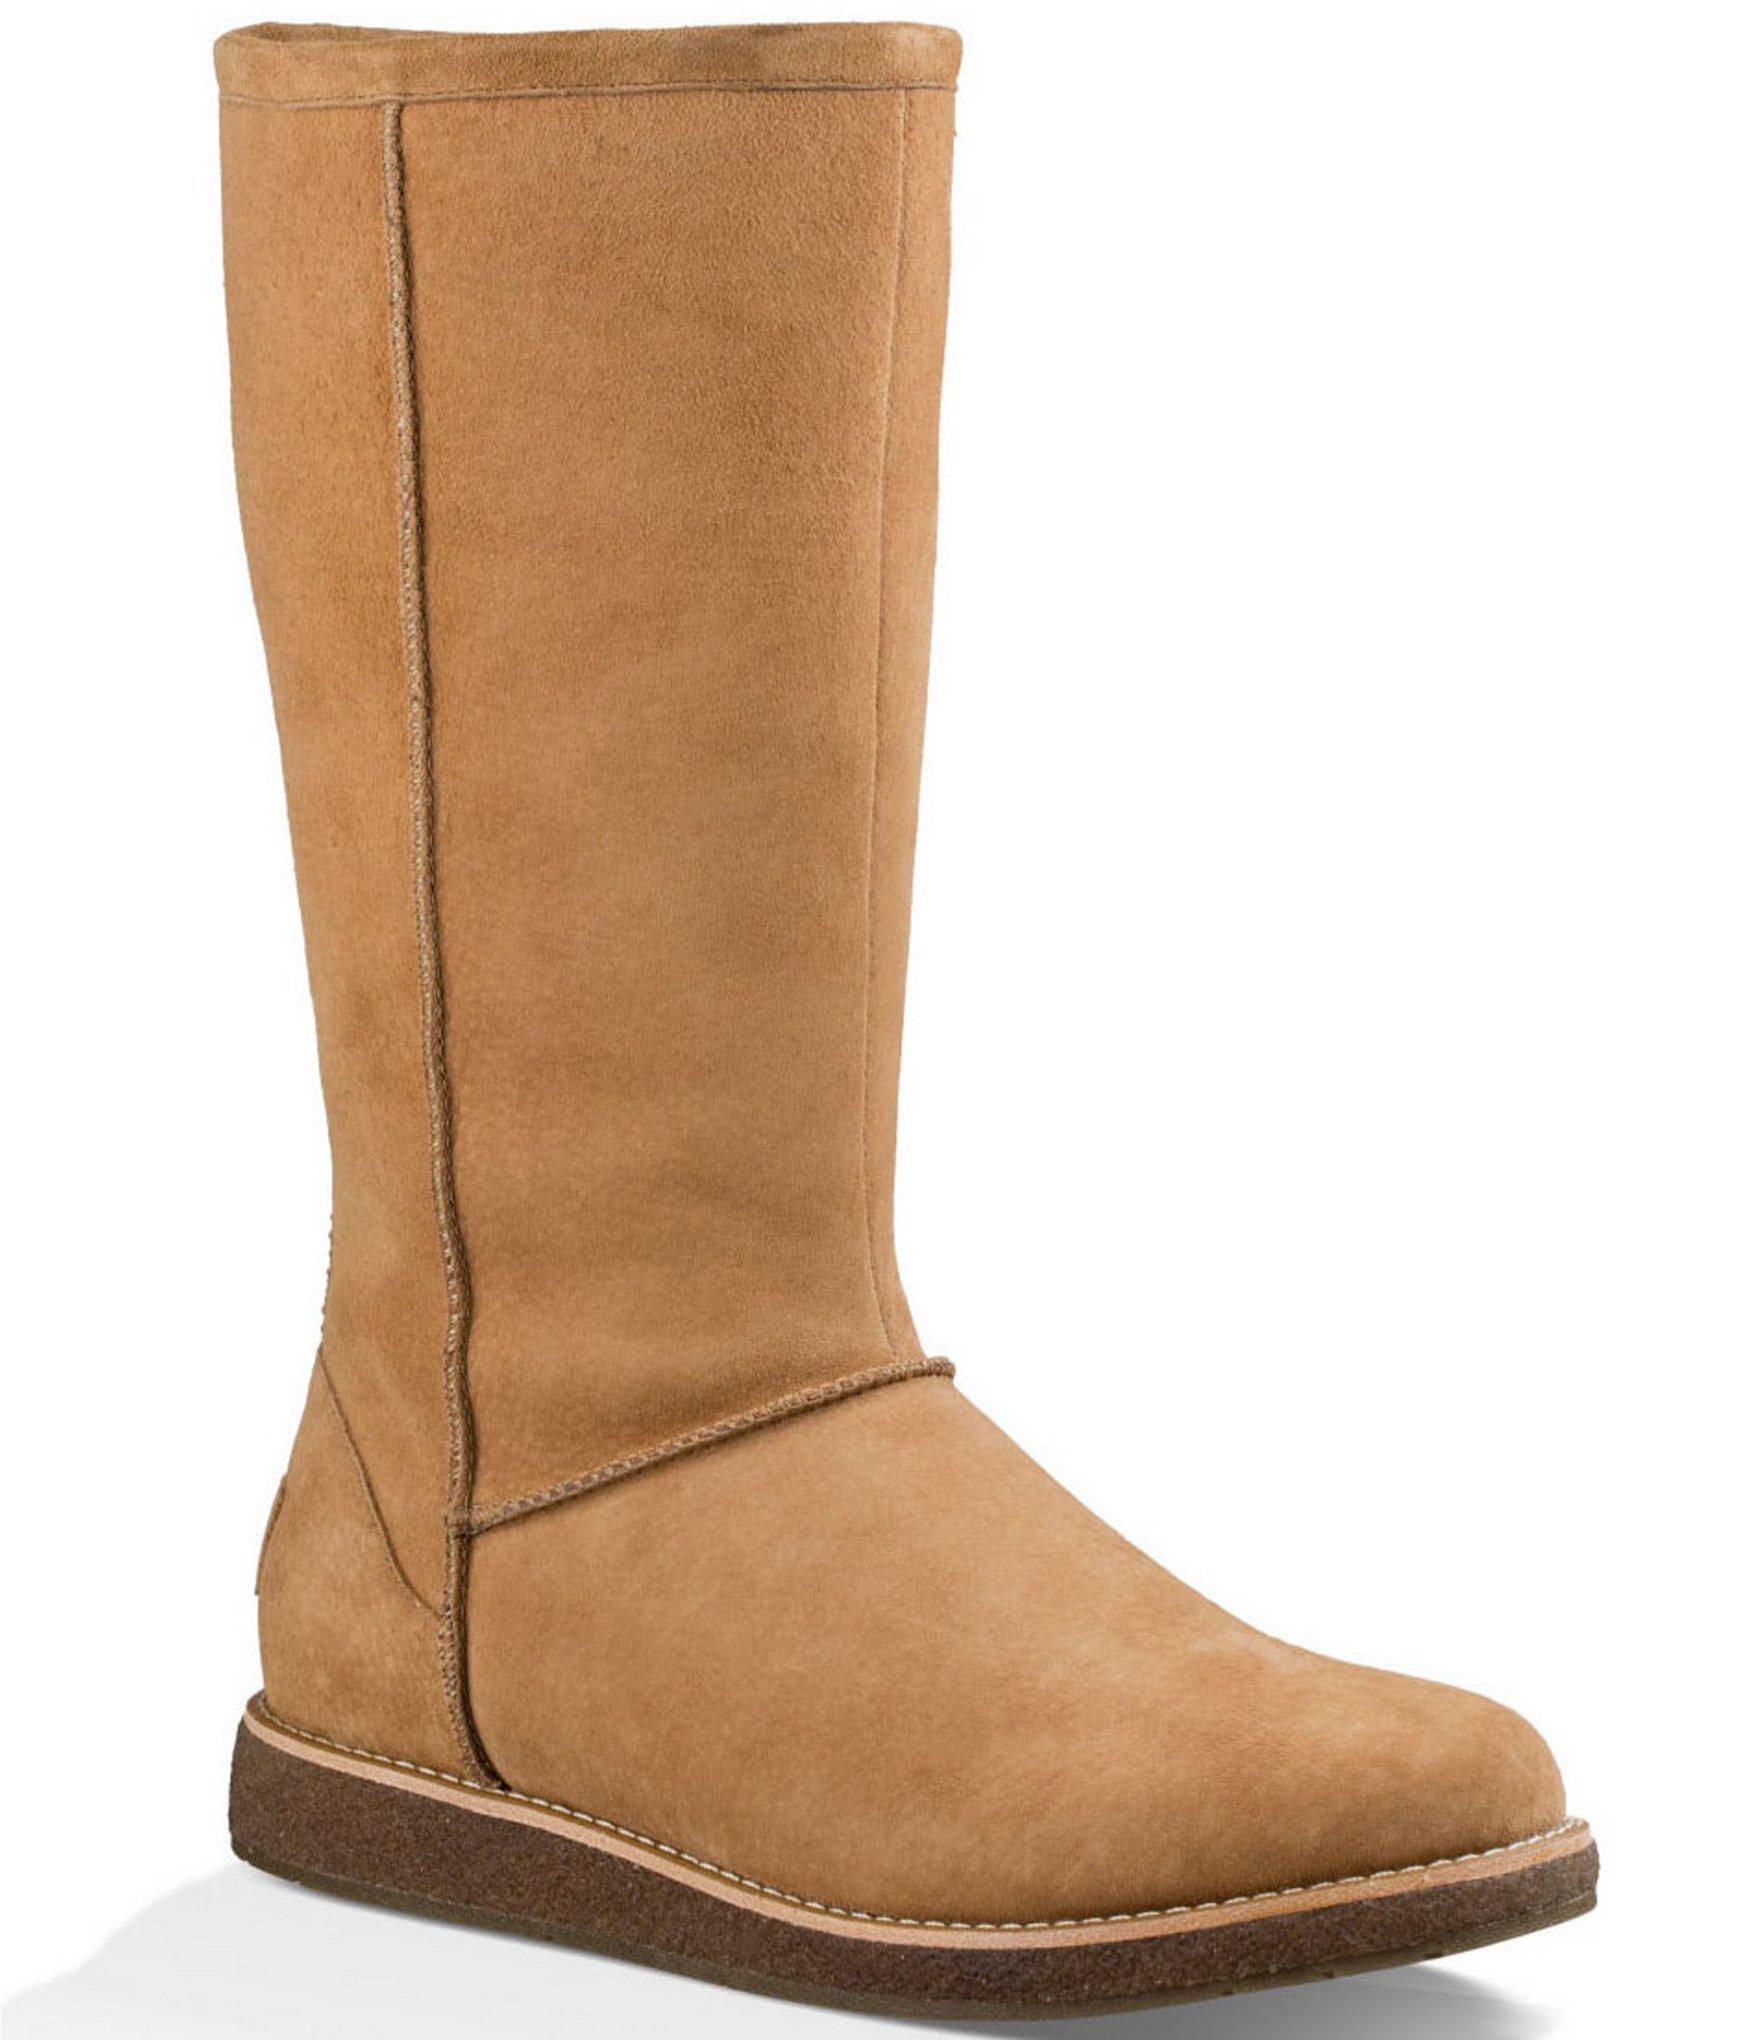 ugg boots website usa